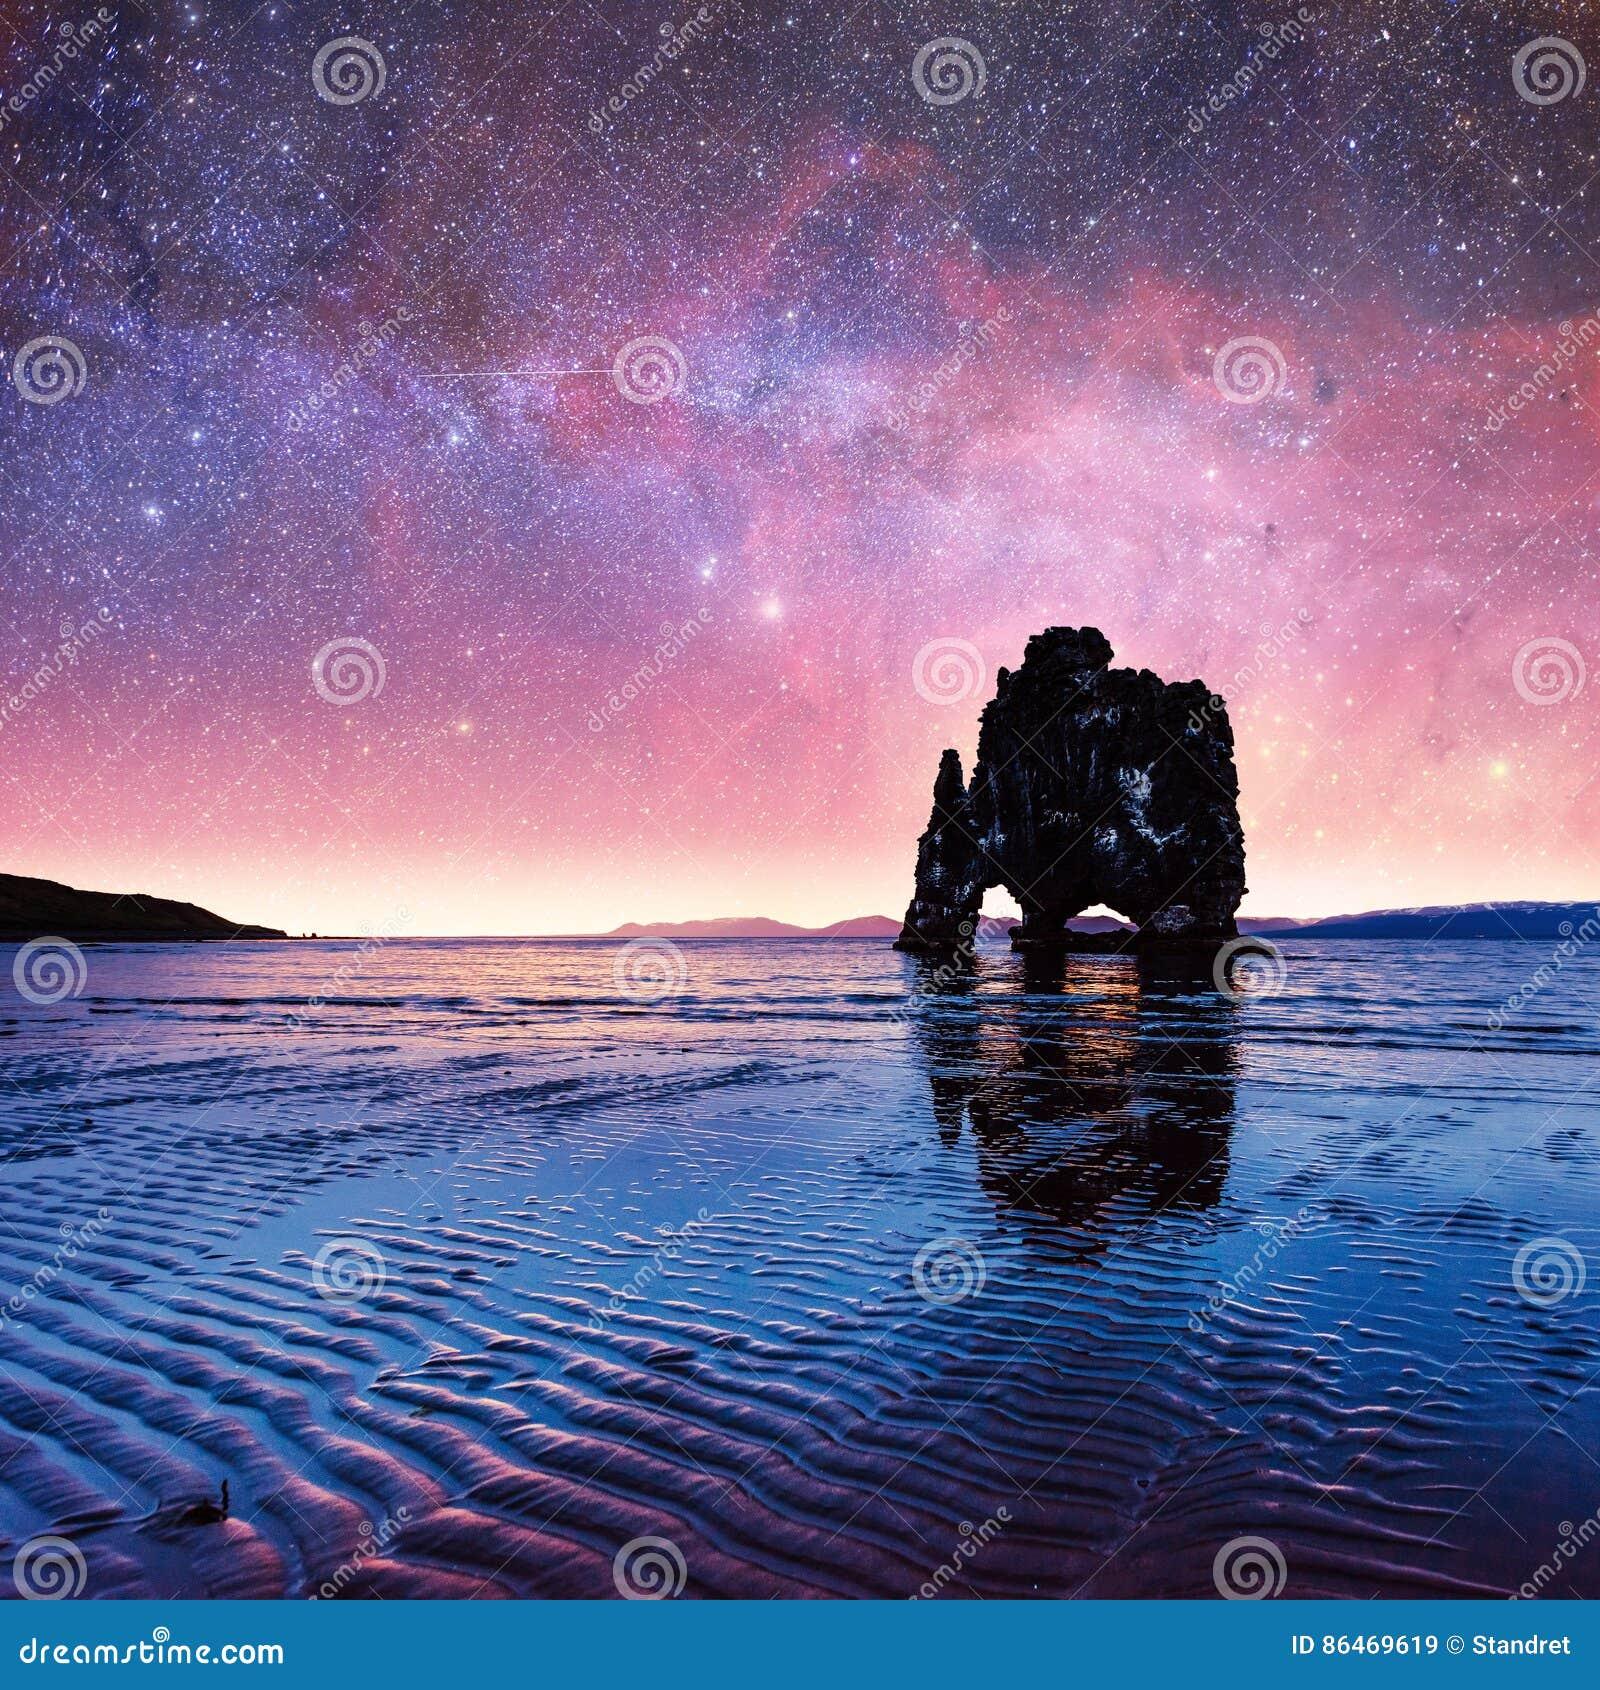 Hvitserkur un altezza di 15 m. Cielo stellato fantastico e la Via Lattea o